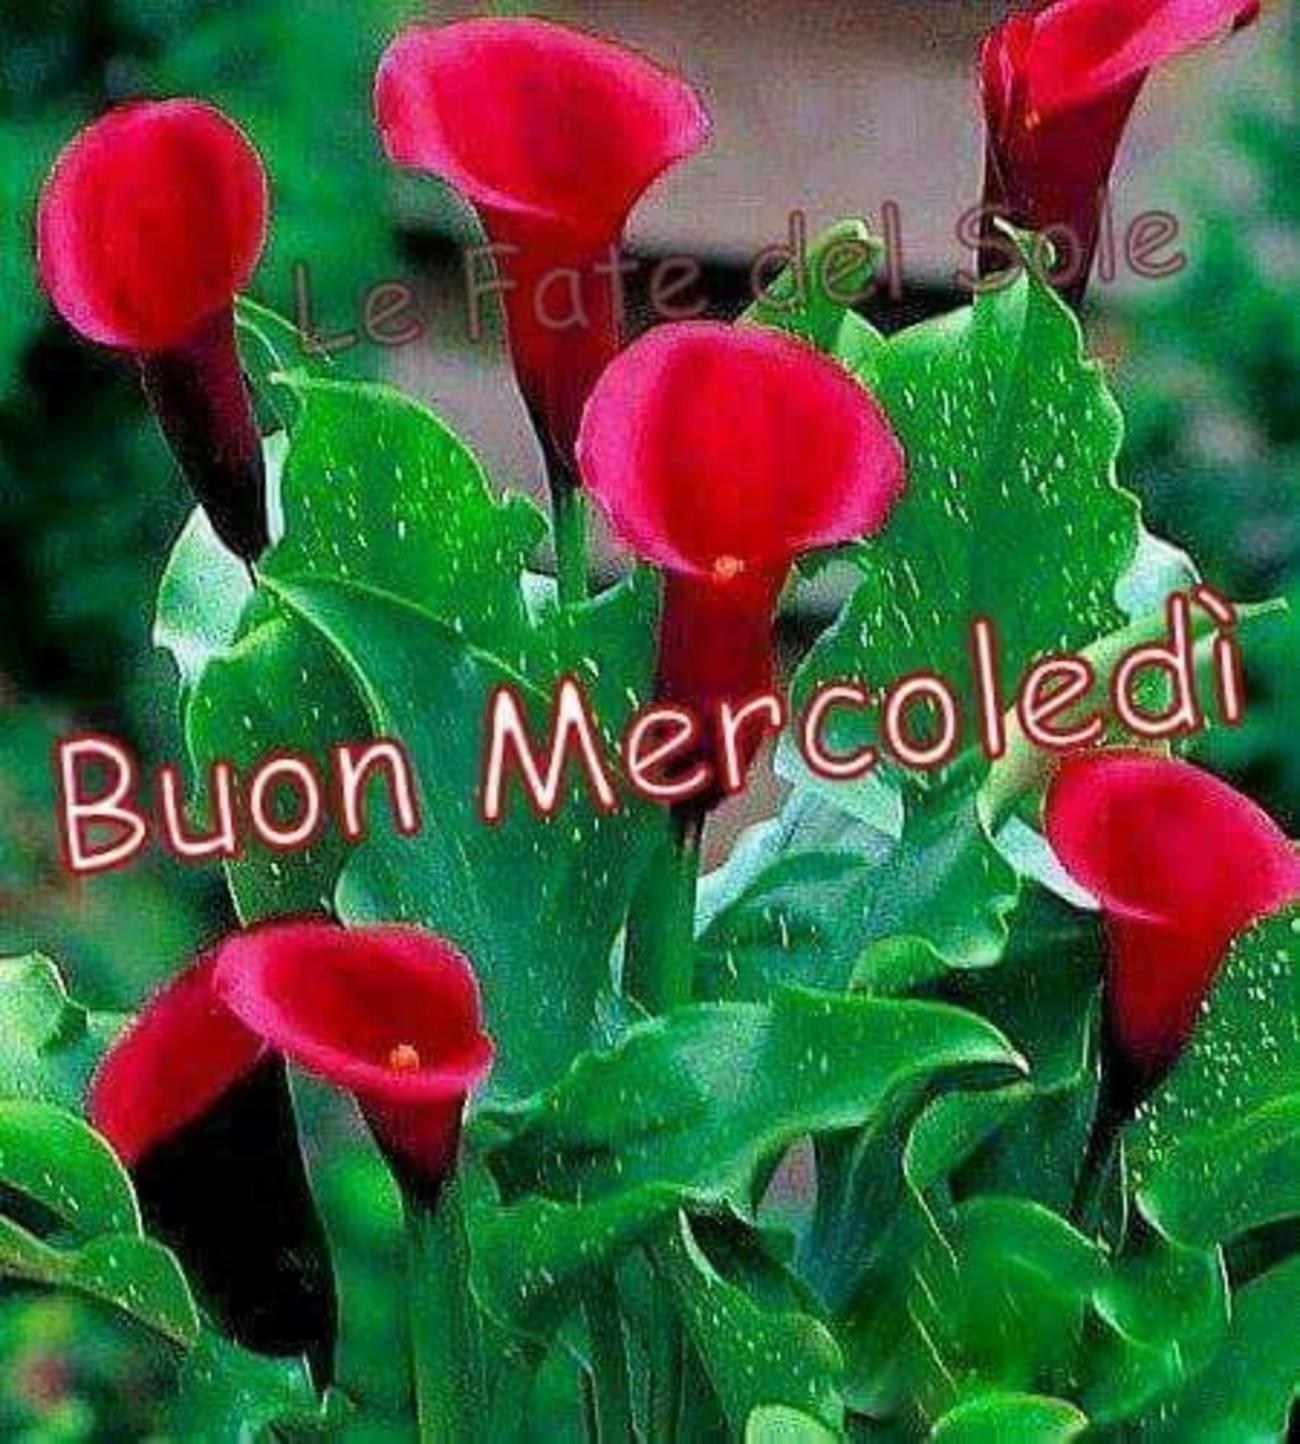 Immagini x Buon Mercoledì coi fiori 120